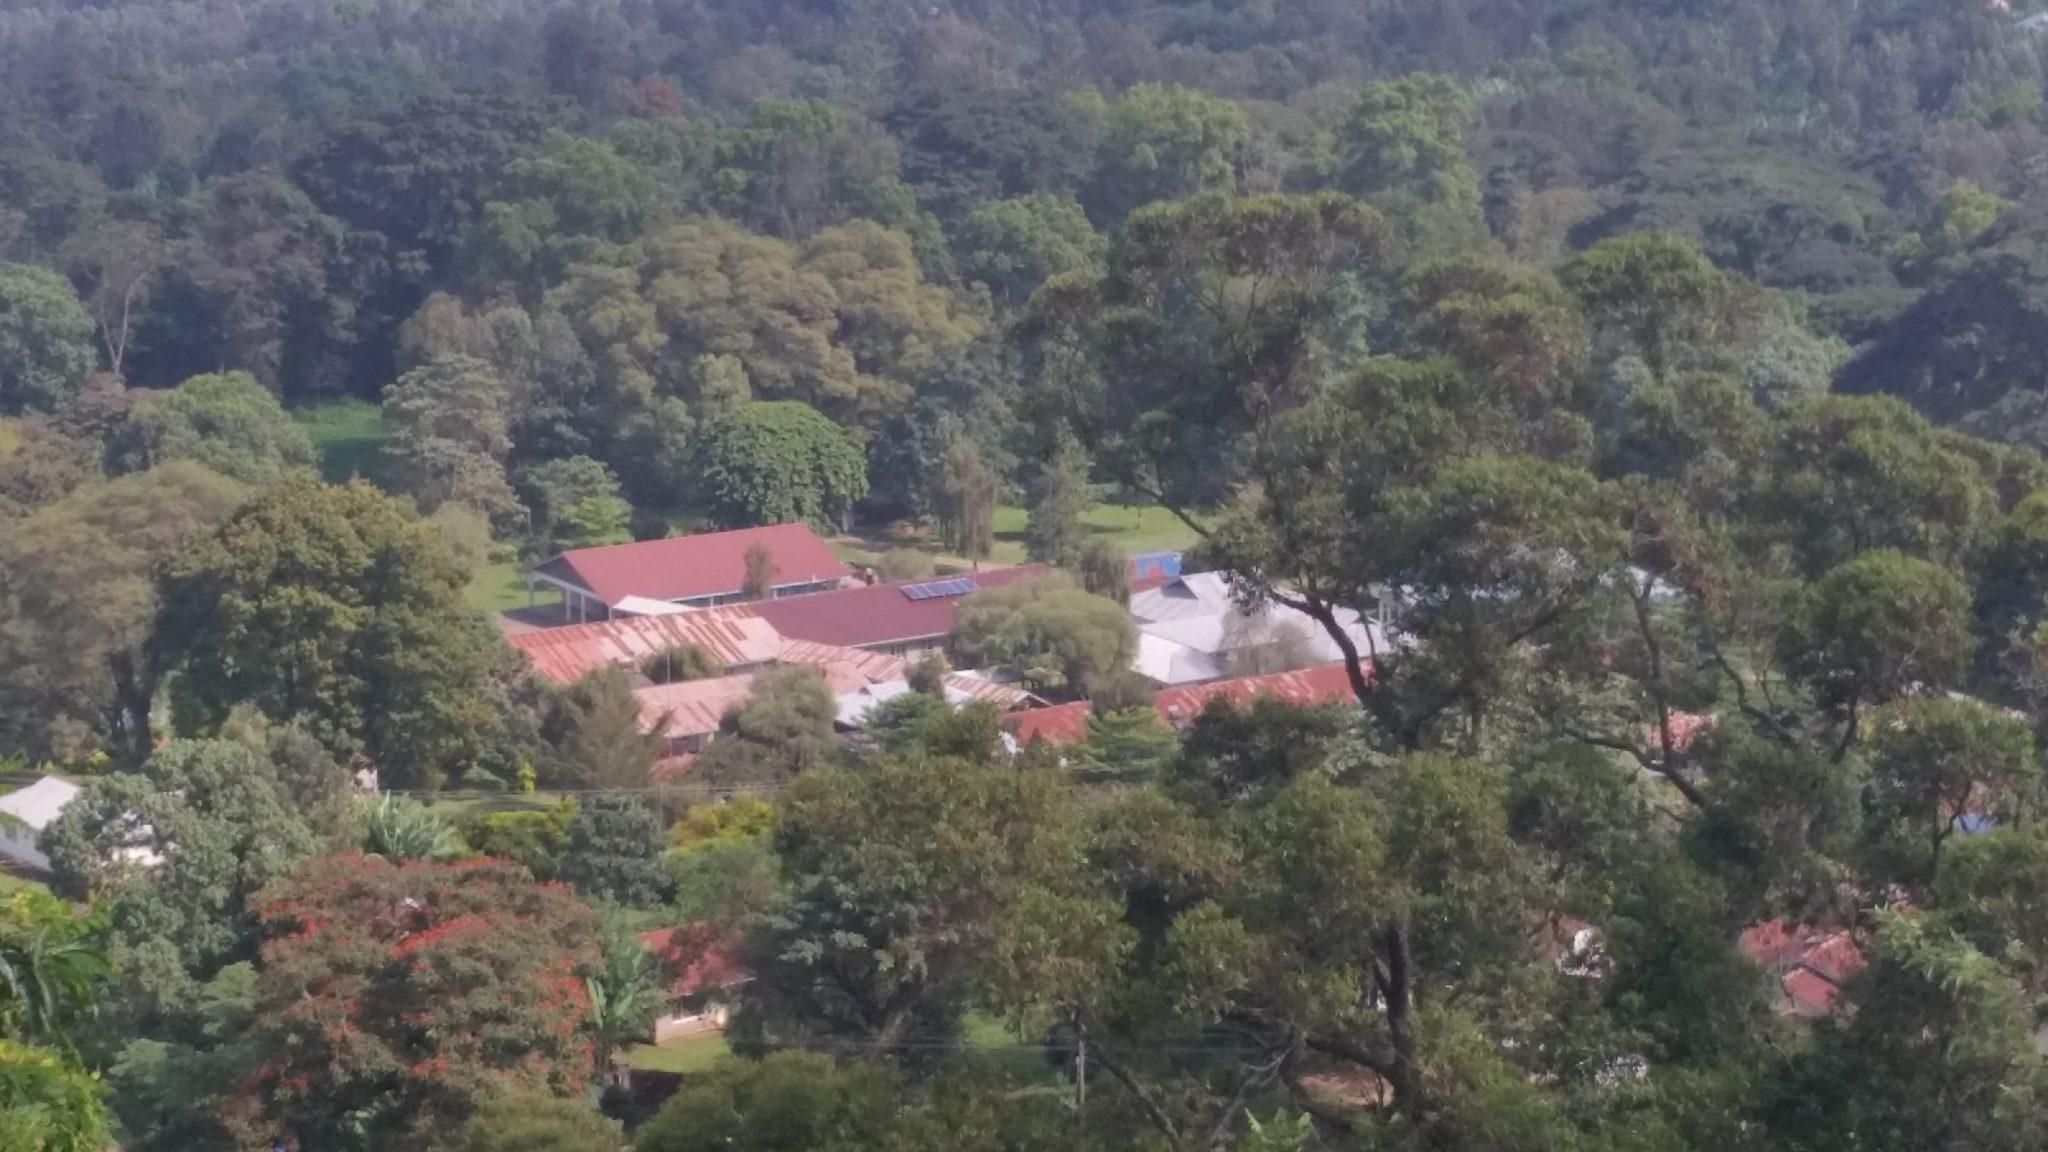 Uitzicht op het ziekenhuis vanaf Ngoja Hill. Onze panelen liggen te schitteren in de zon.